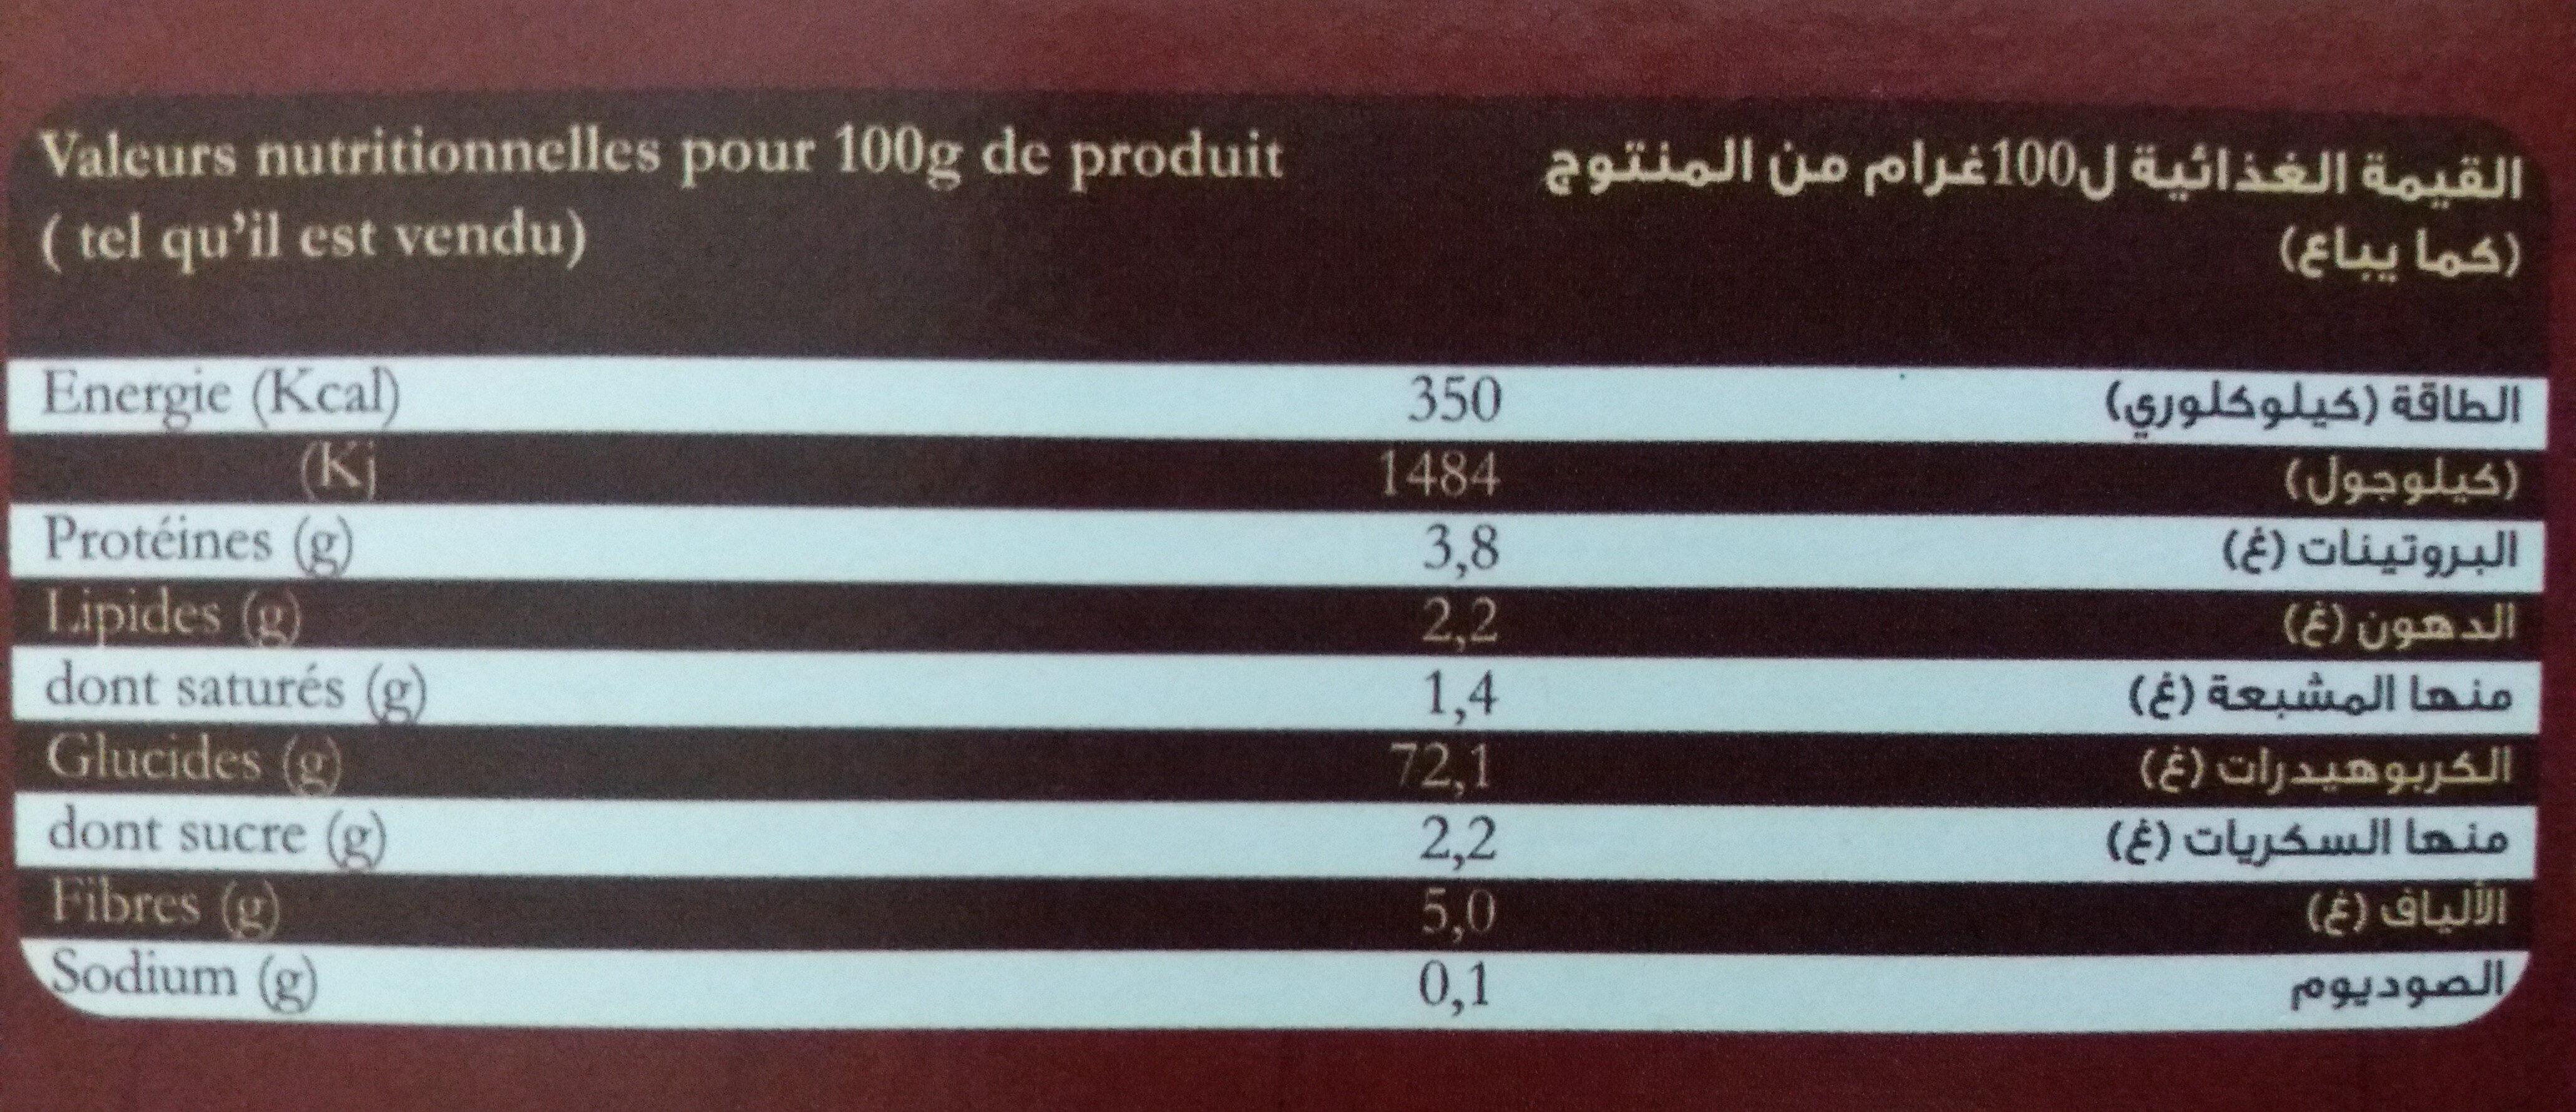 Crème pâtissière - Nutrition facts